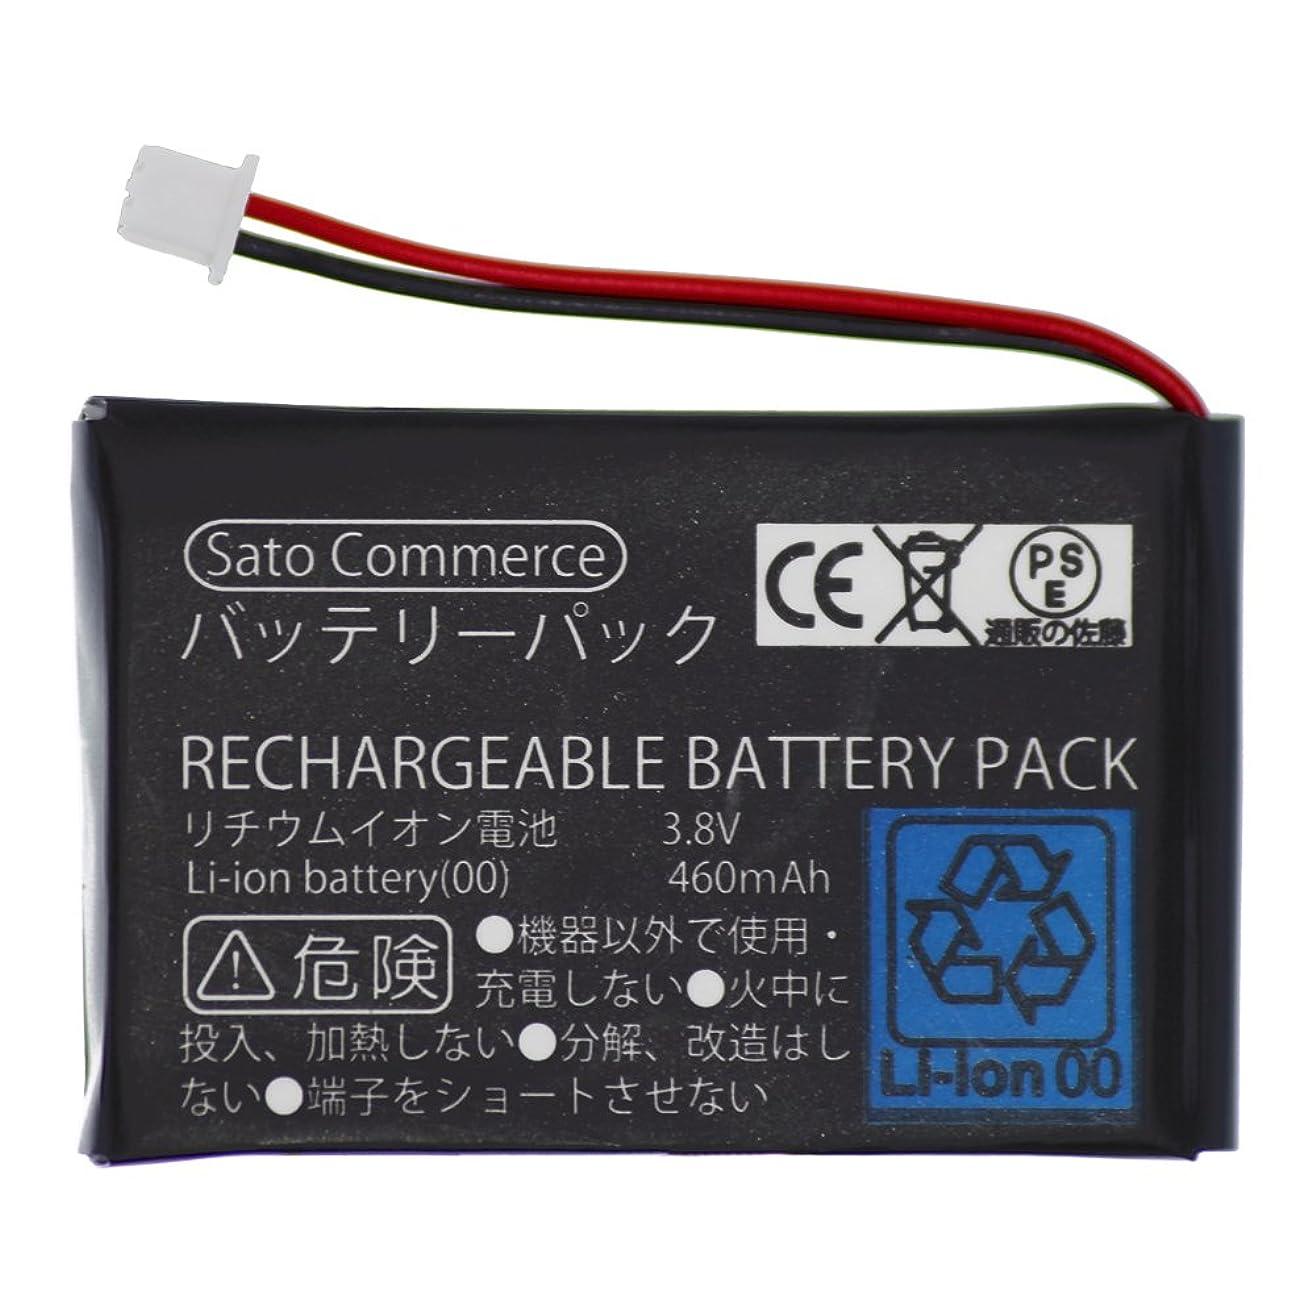 Sato Commerce GBM OXY-003 互換バッテリー ( OXY-001 ) 3.8V 460mAh